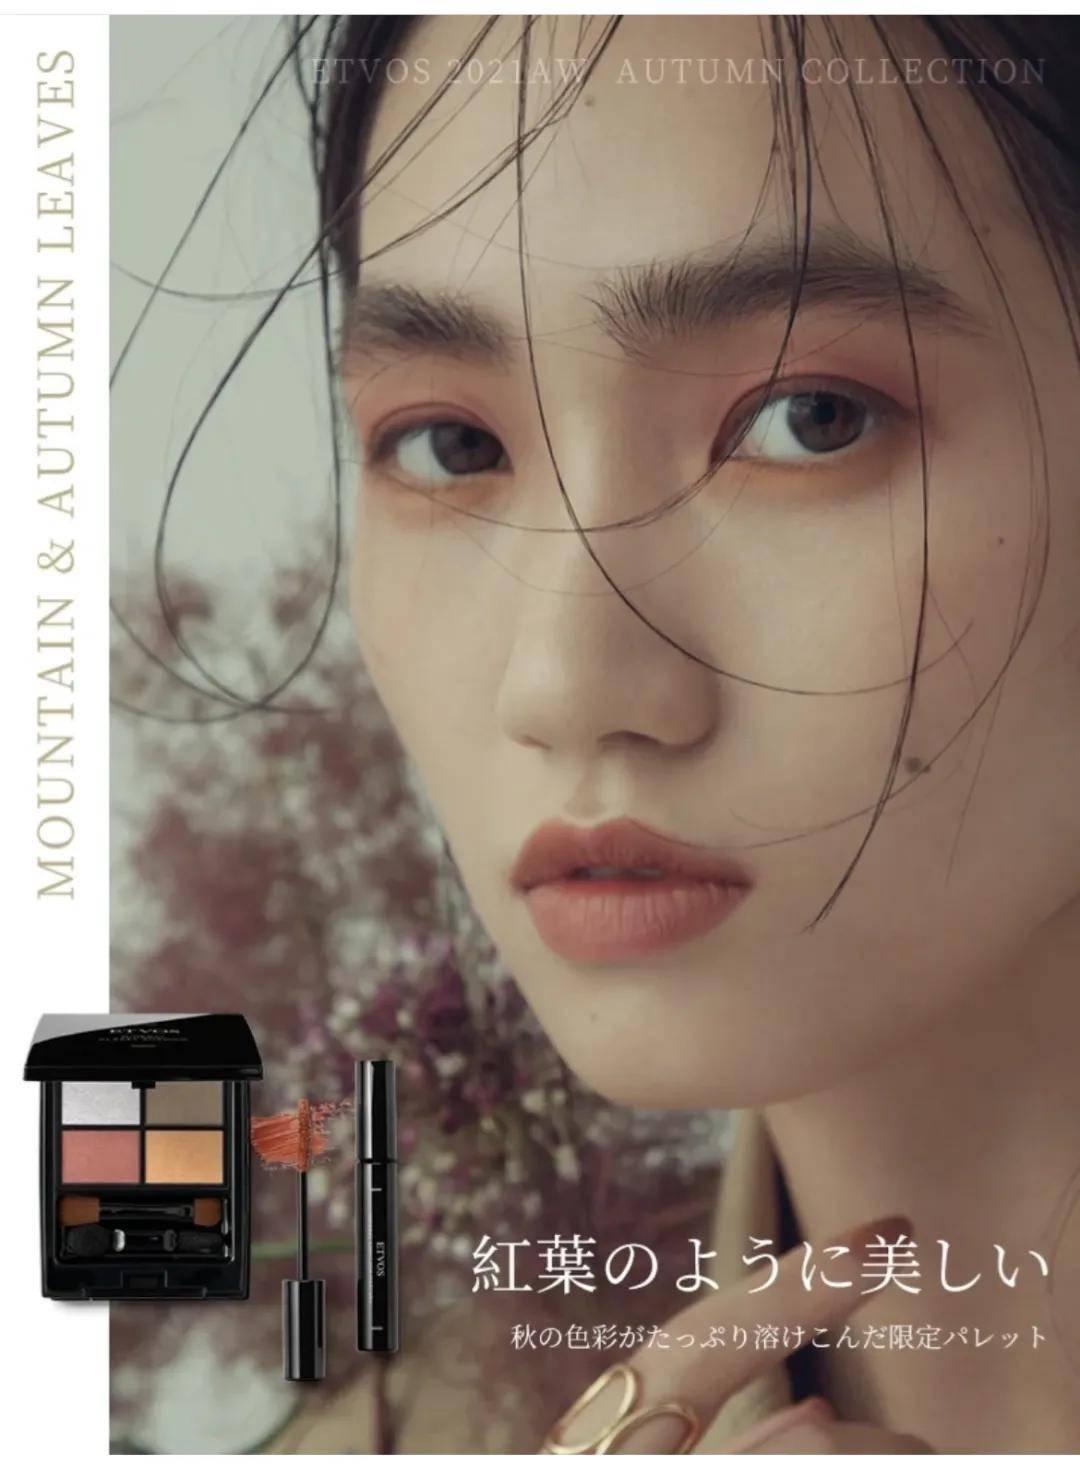 系列2021秋季彩妆新品也太好看了叭~